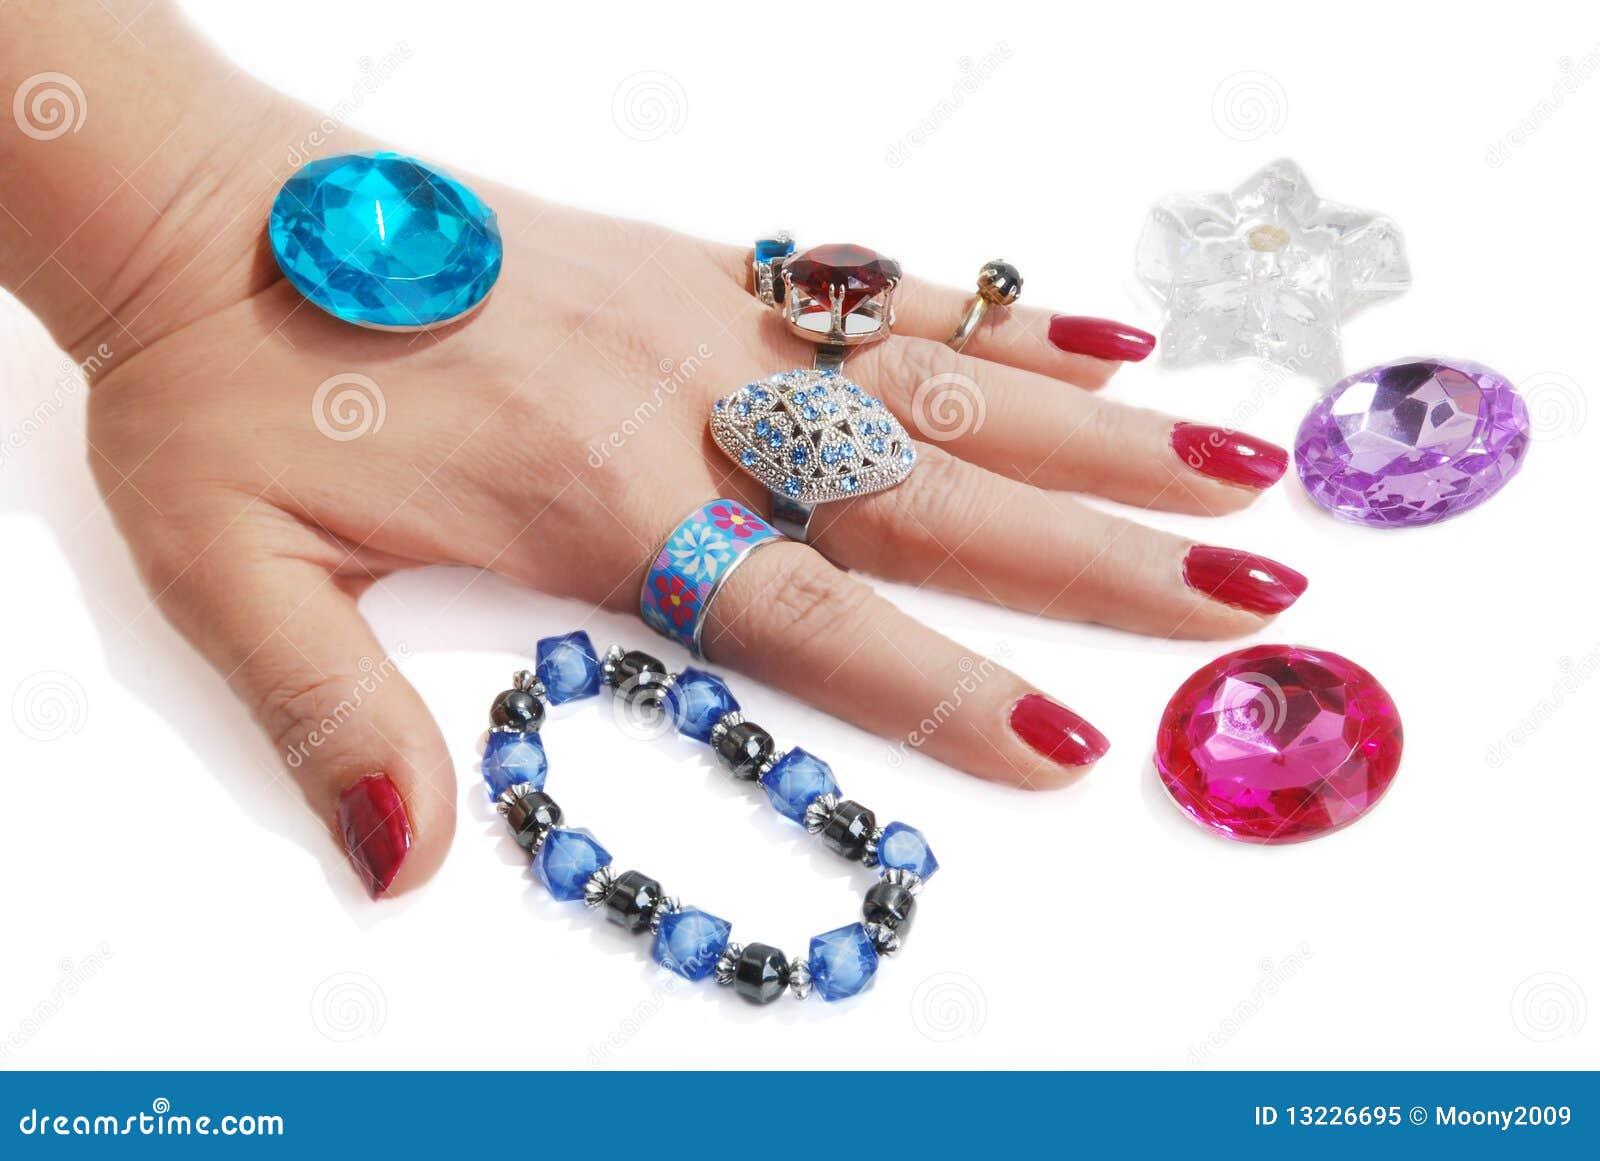 Jewelery ter beschikking